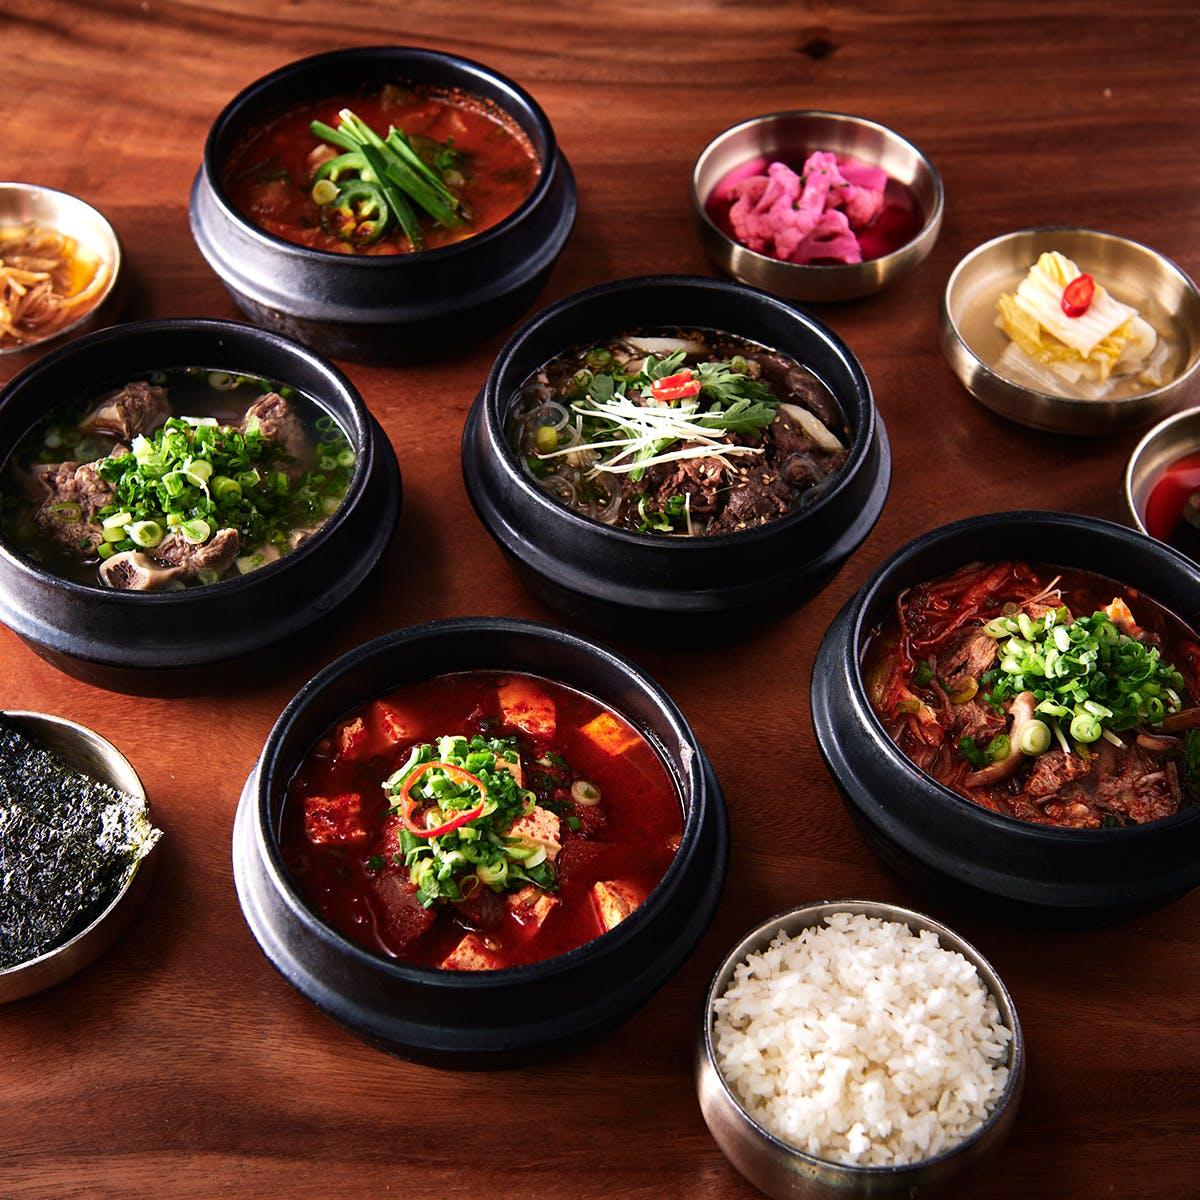 Samwon Garden Korean BBQ - Korean Soup Sampler - 6 Pack